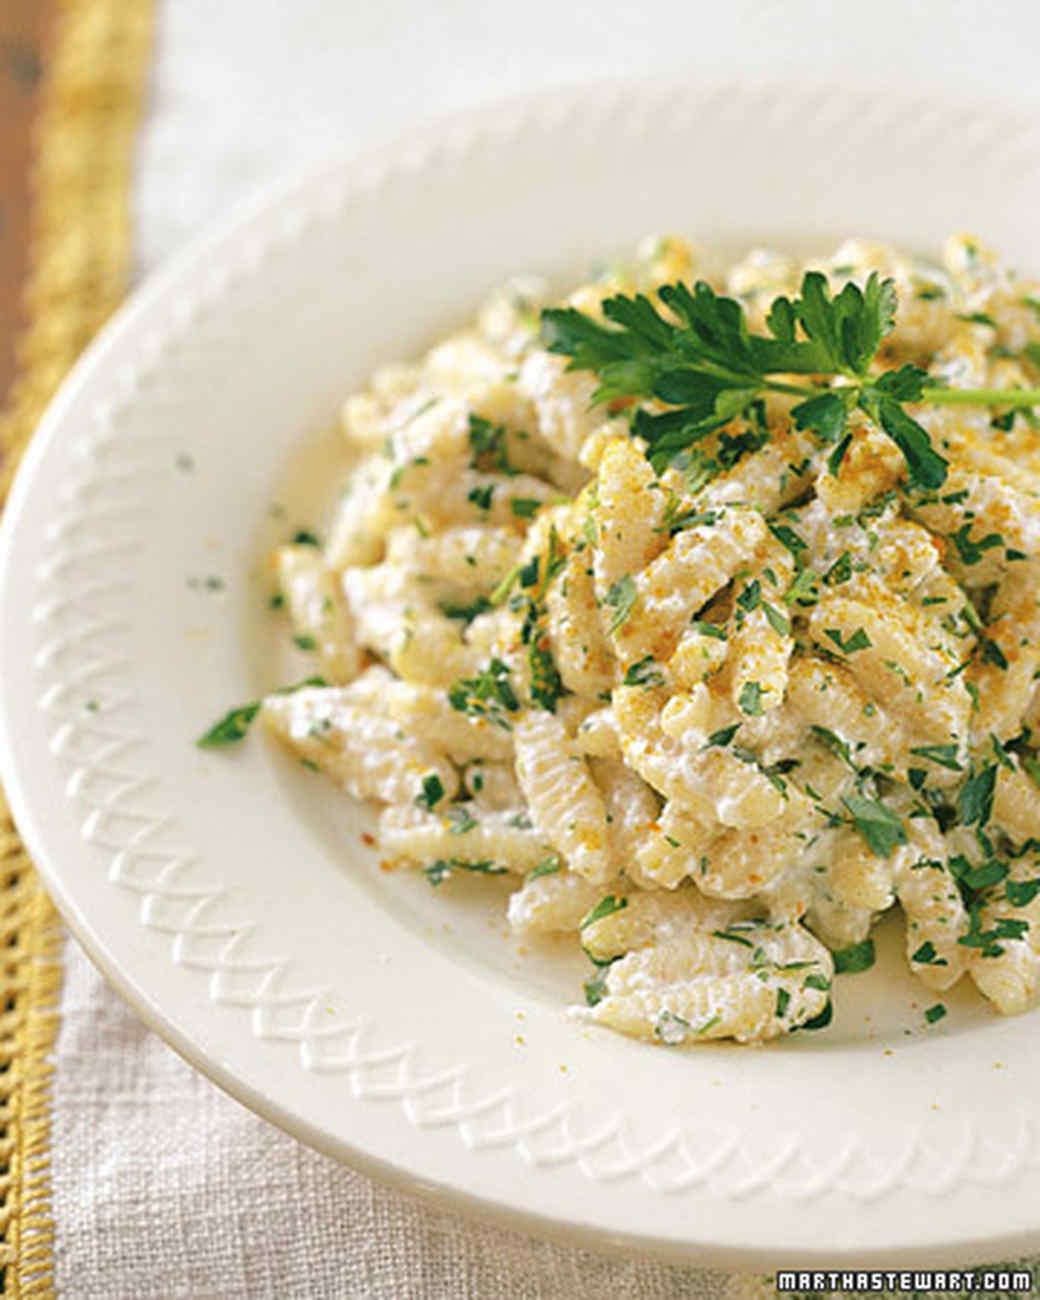 Ricotta and pasta recipe